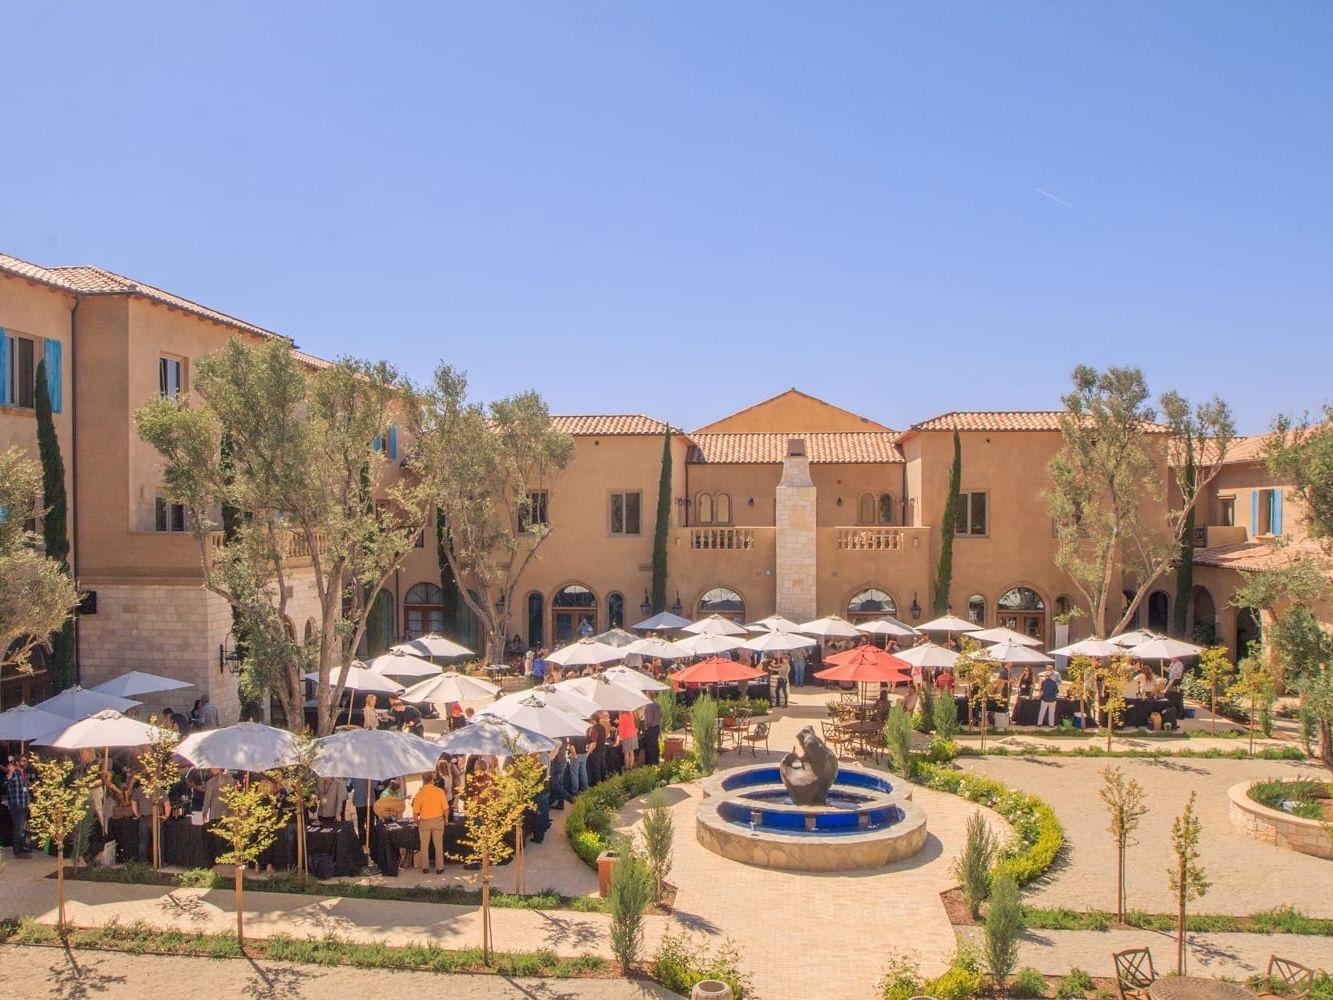 Event in Allegretto Vineyard Resorts Courtyard